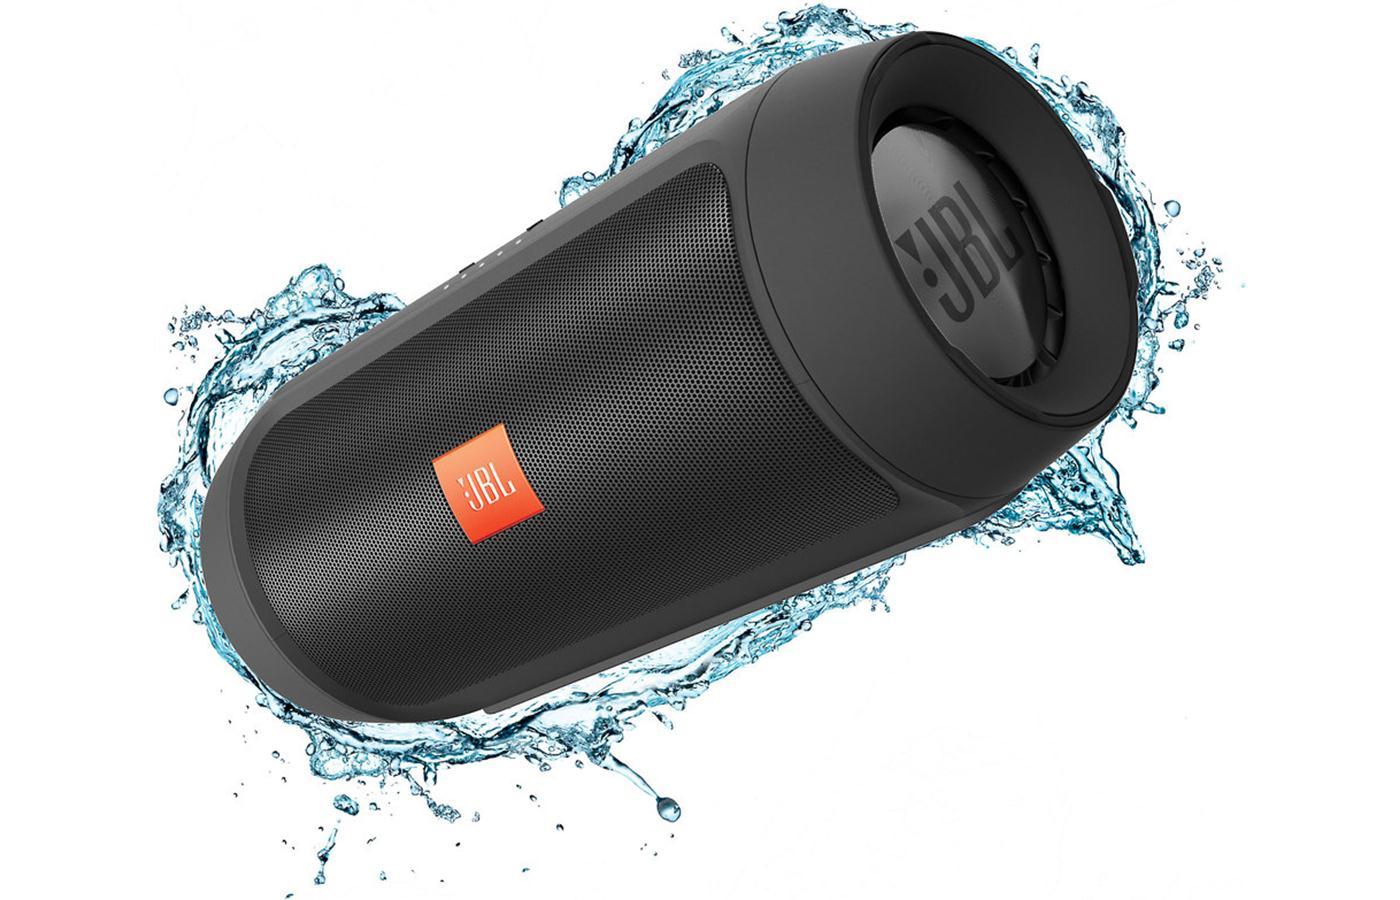 JBL Charge 2+ ลำโพงพกพากันน้ำได้ พลังเสียงเบสอิ่ม แน่น กระหึ่ม (Black) แถมกระเป๋าฟรี 1 ใบ